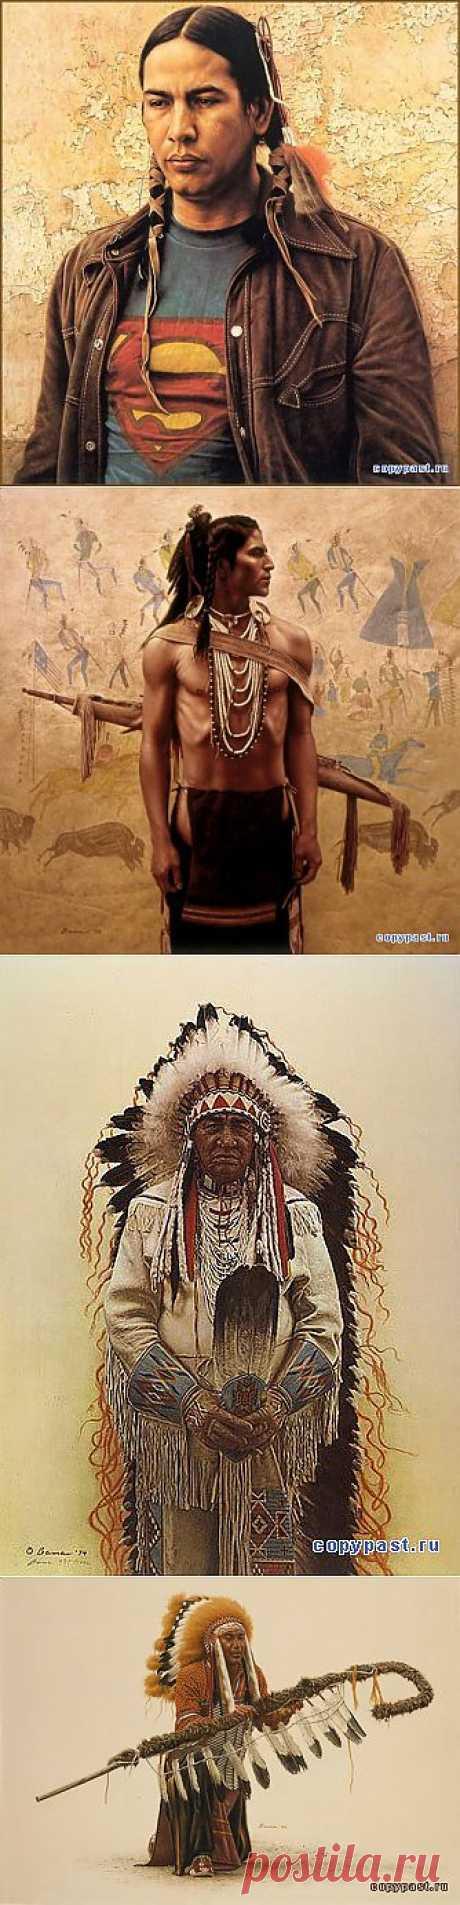 Индейские мотивы.Часть 3.James Bama. - Блоги -